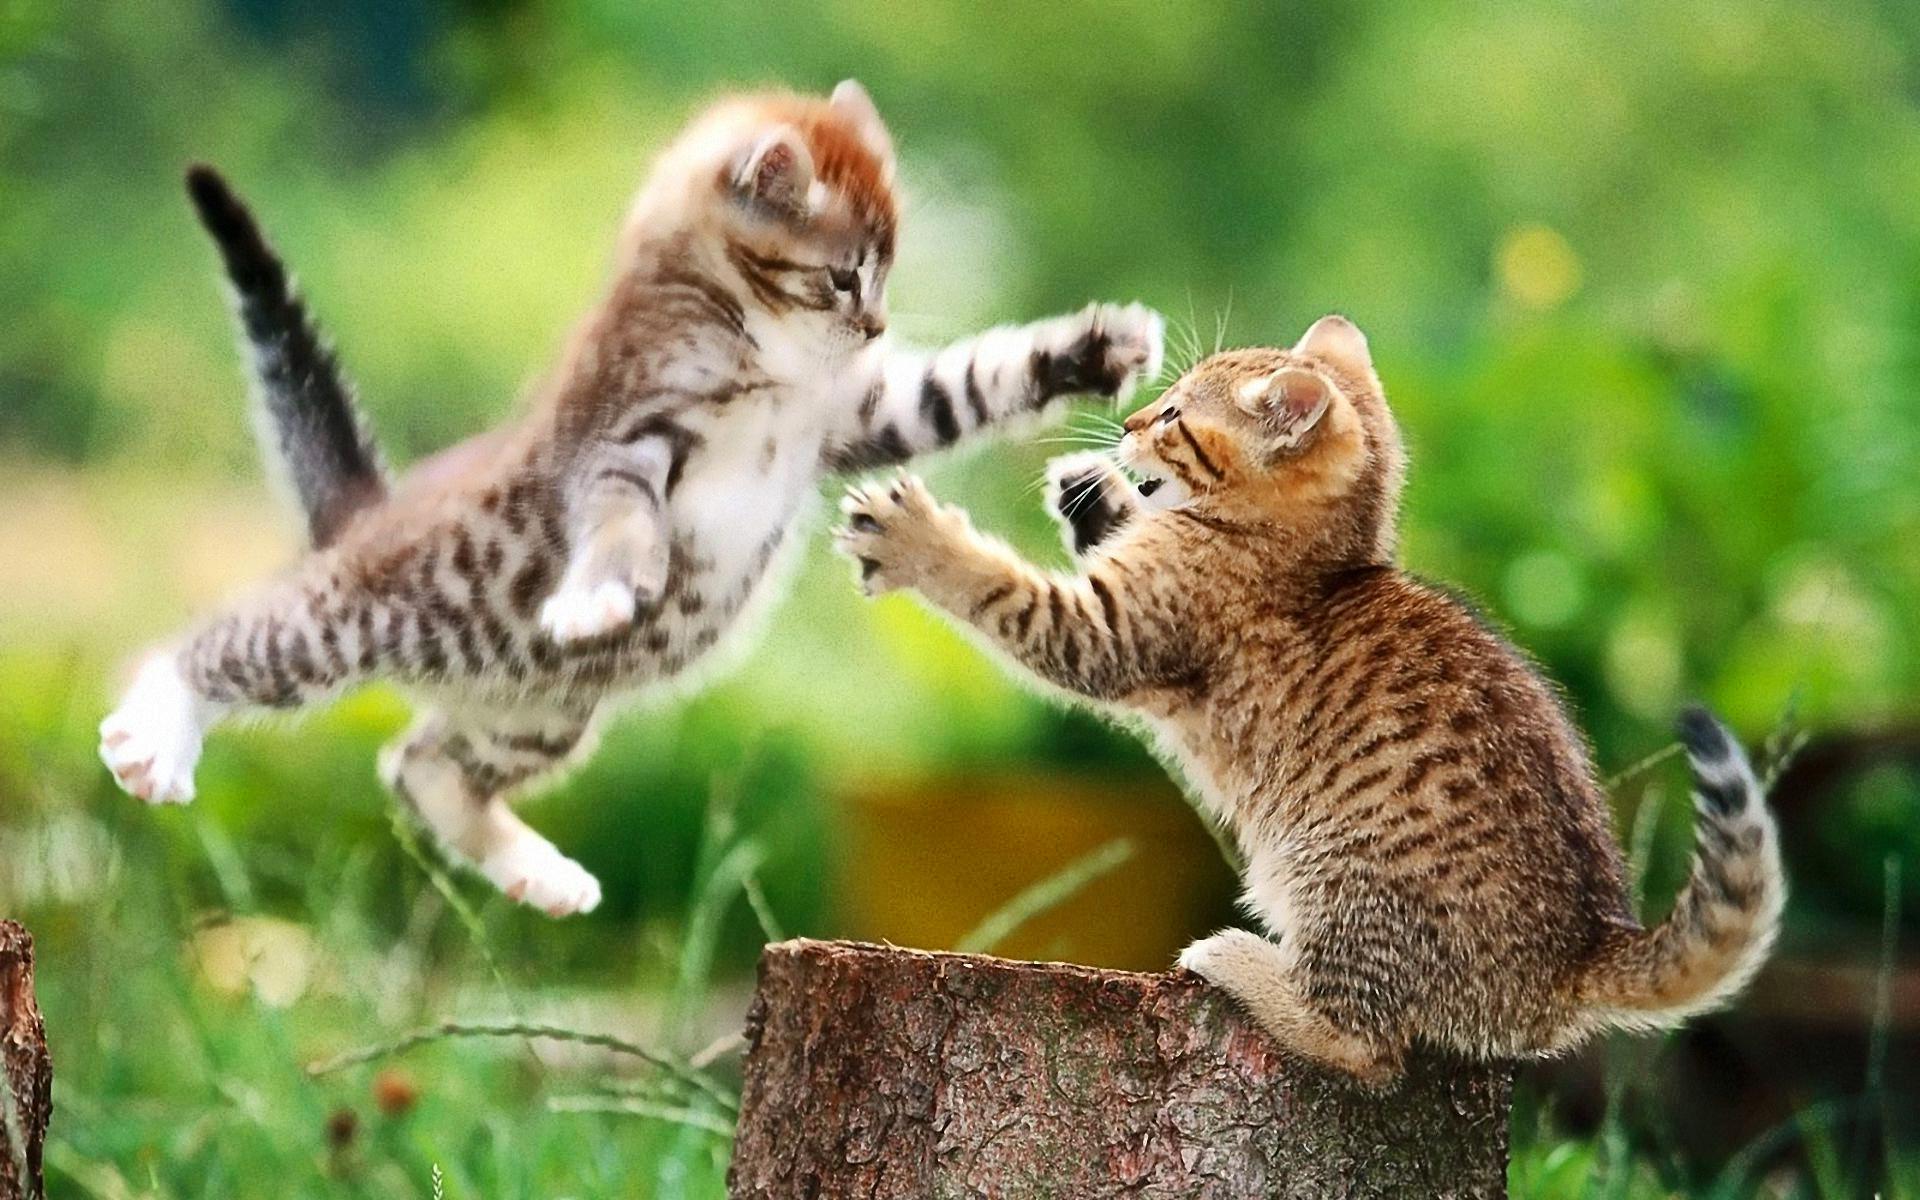 Jumping Kitten (id: 181692) – BUZZERG